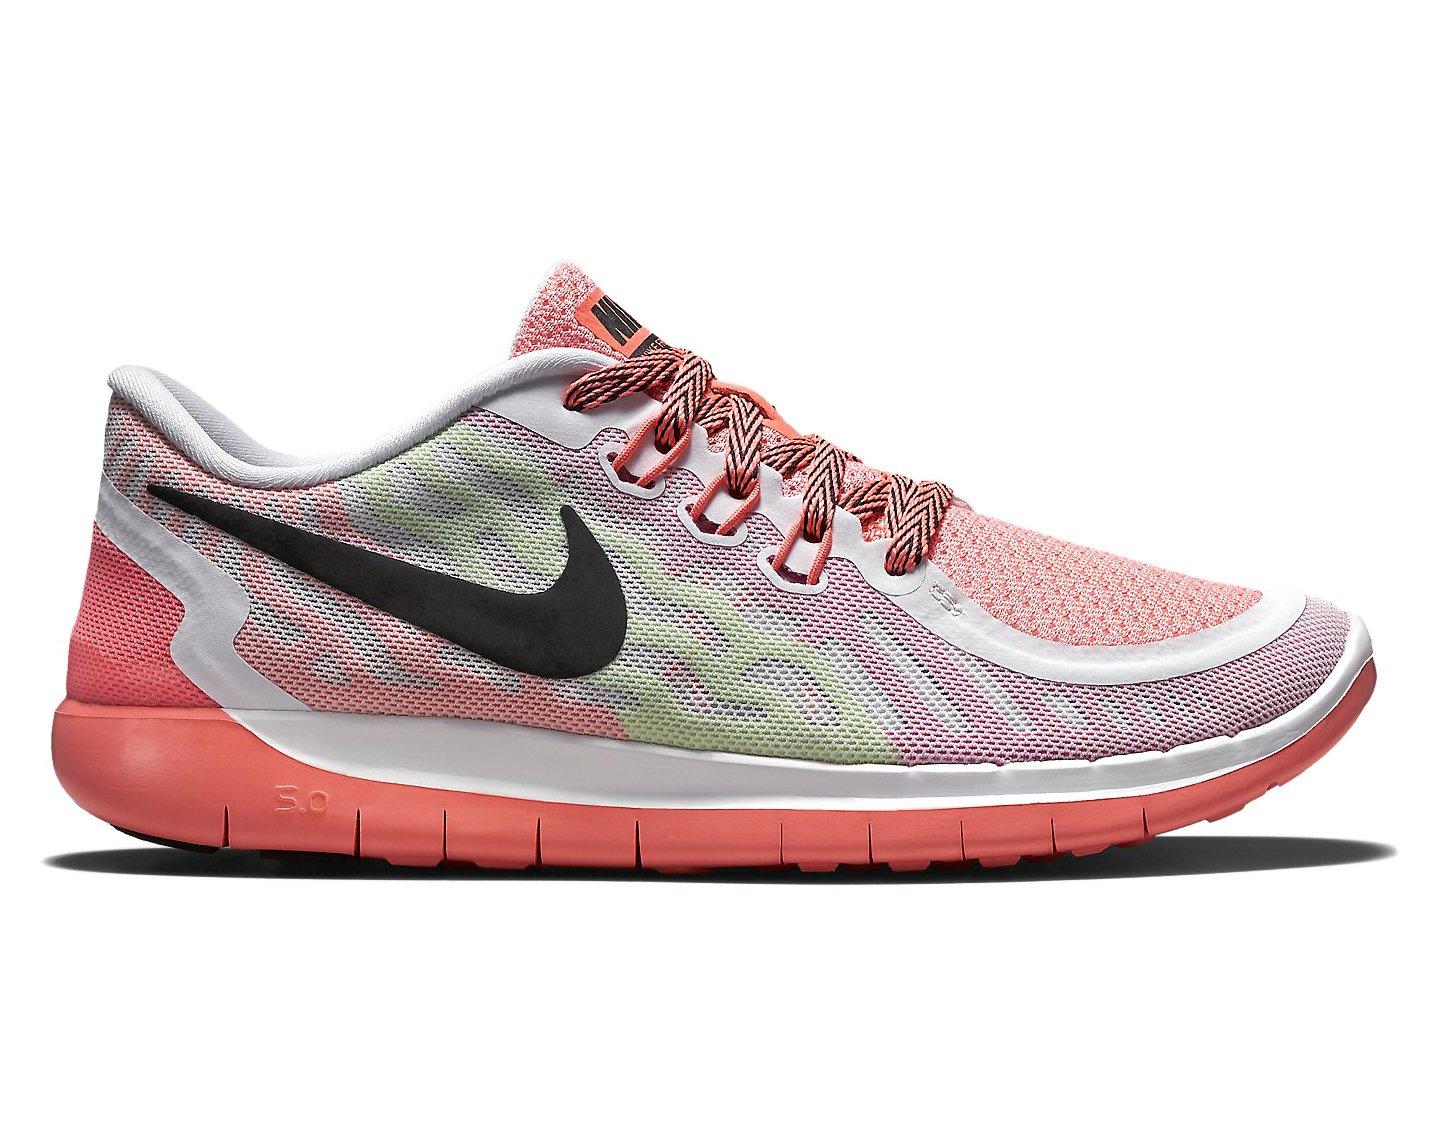 Nike Kid's Free 5.0 Running Shoe White/Pink Pow/Lava Glow/Black 5.5Y